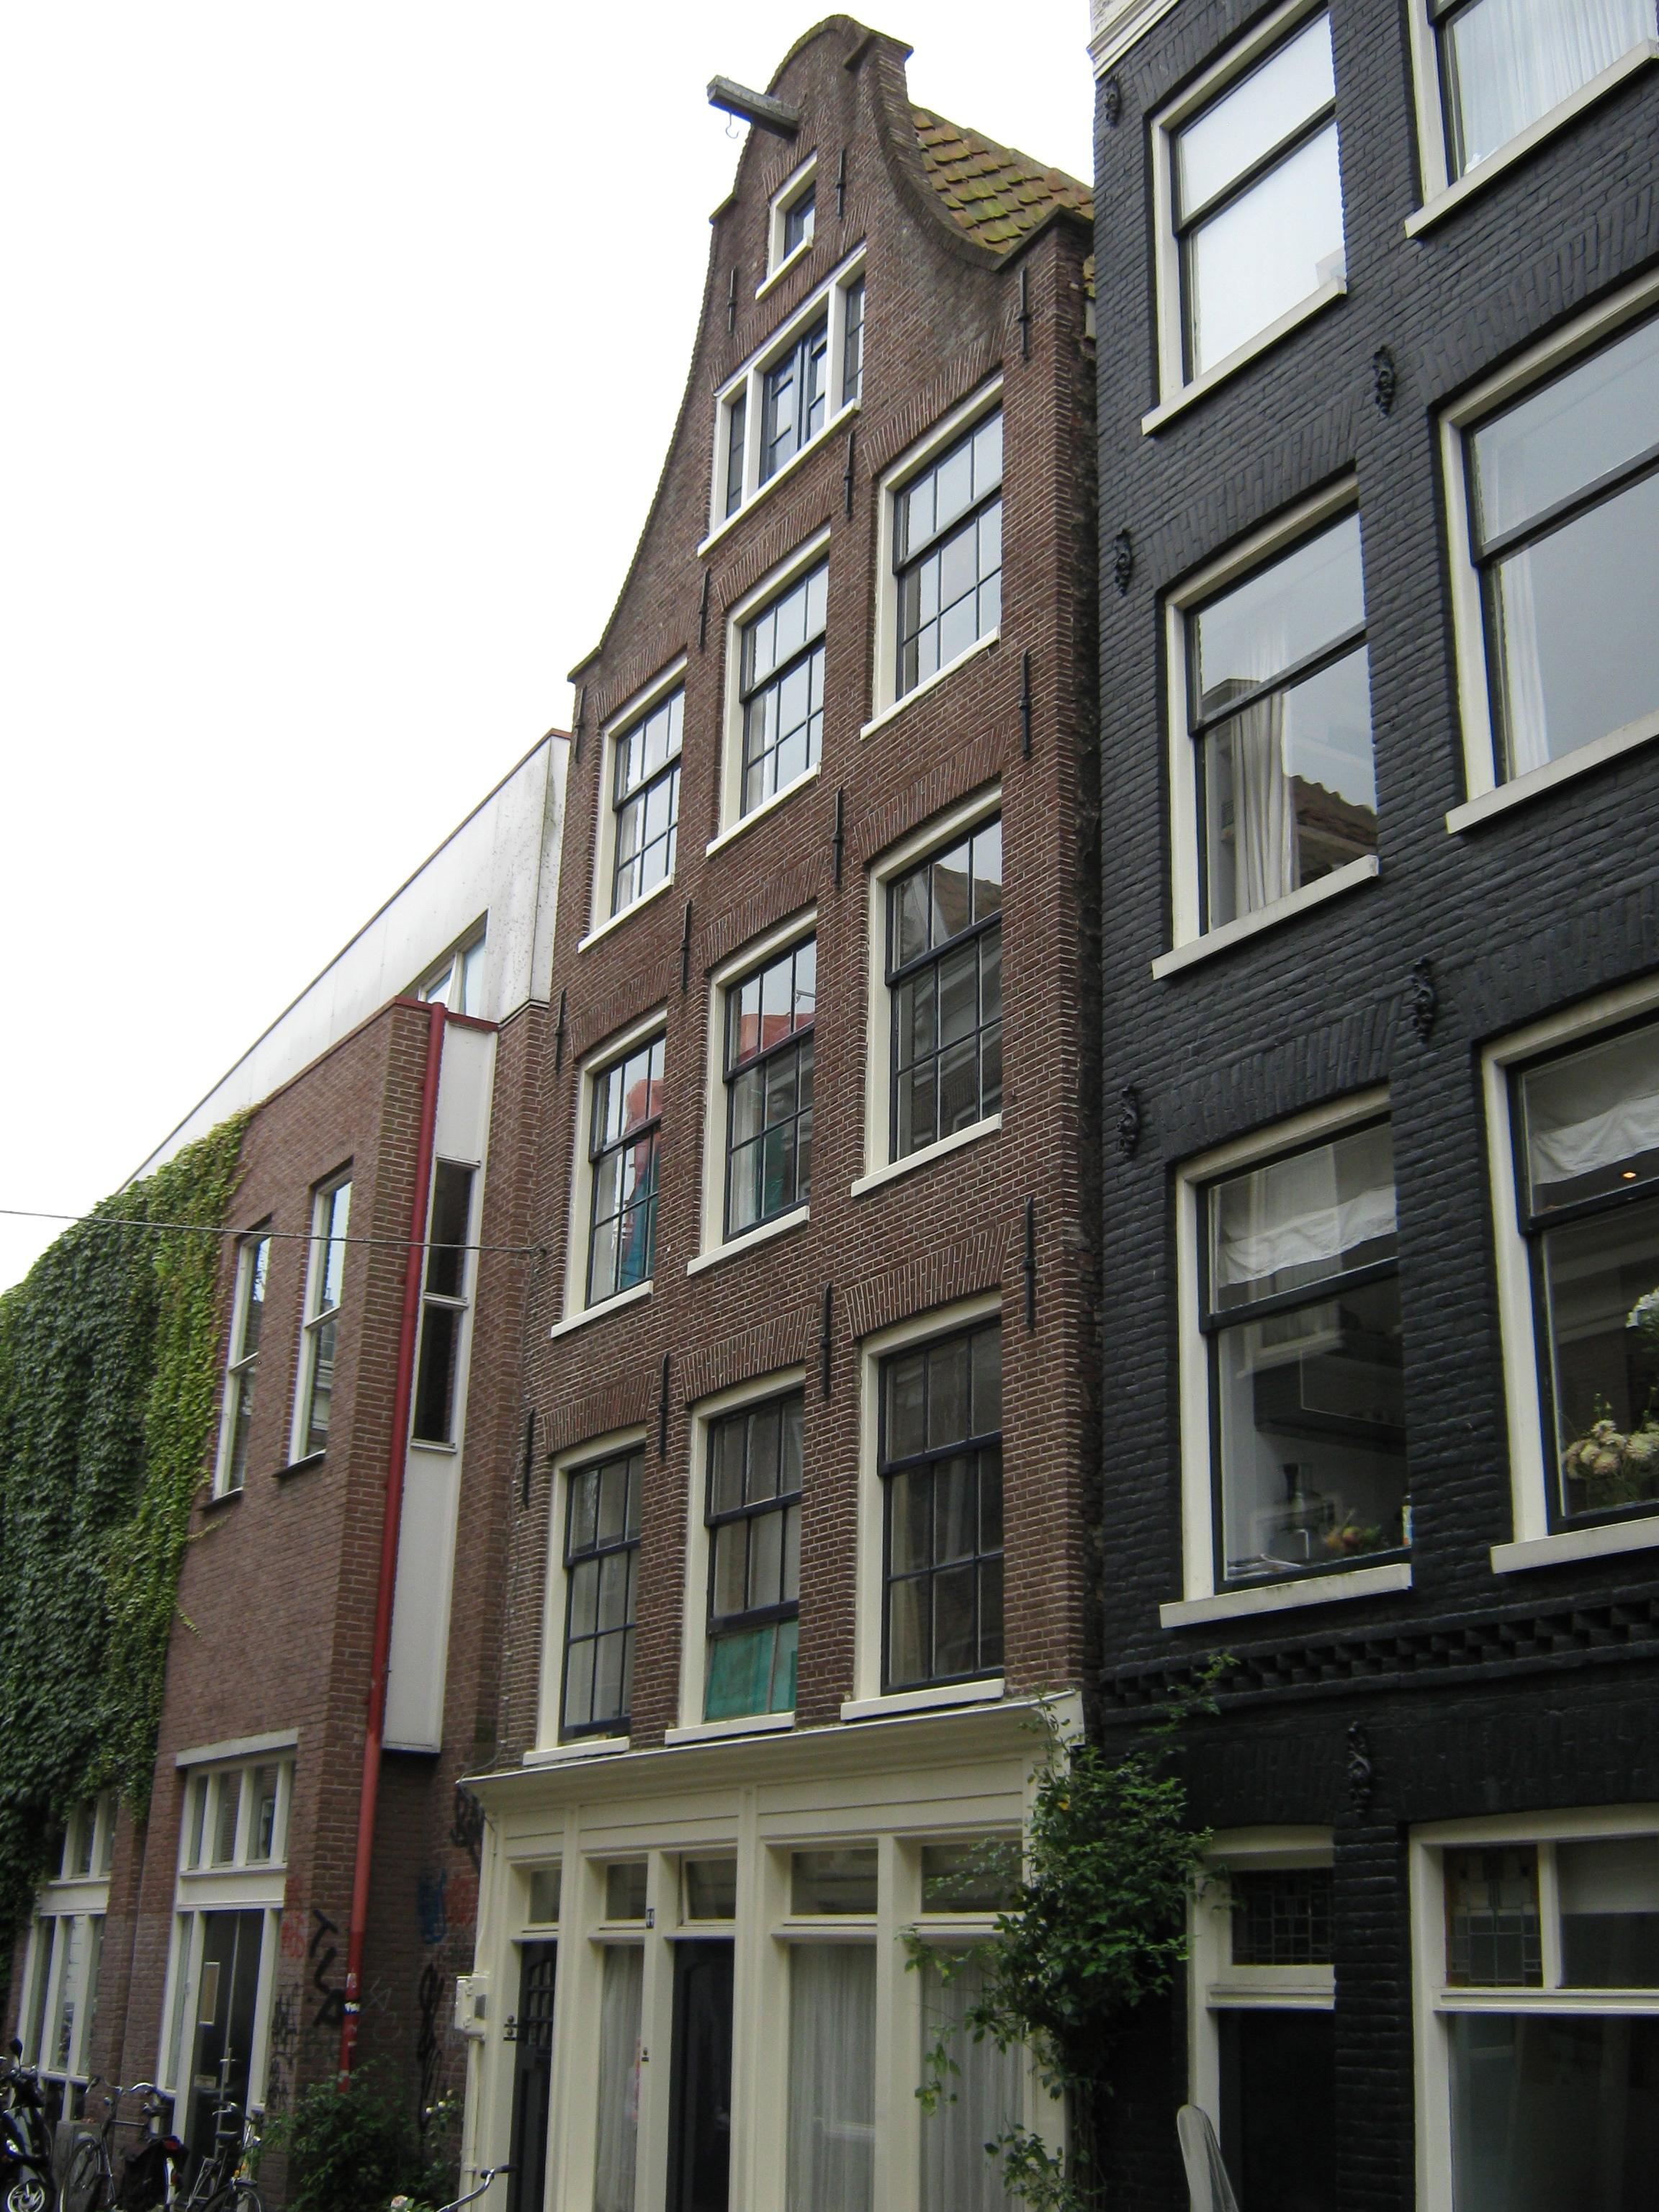 Huis met gevel onder klokvormige top met rollagen in amsterdam monument - Provencaalse huis gevel ...